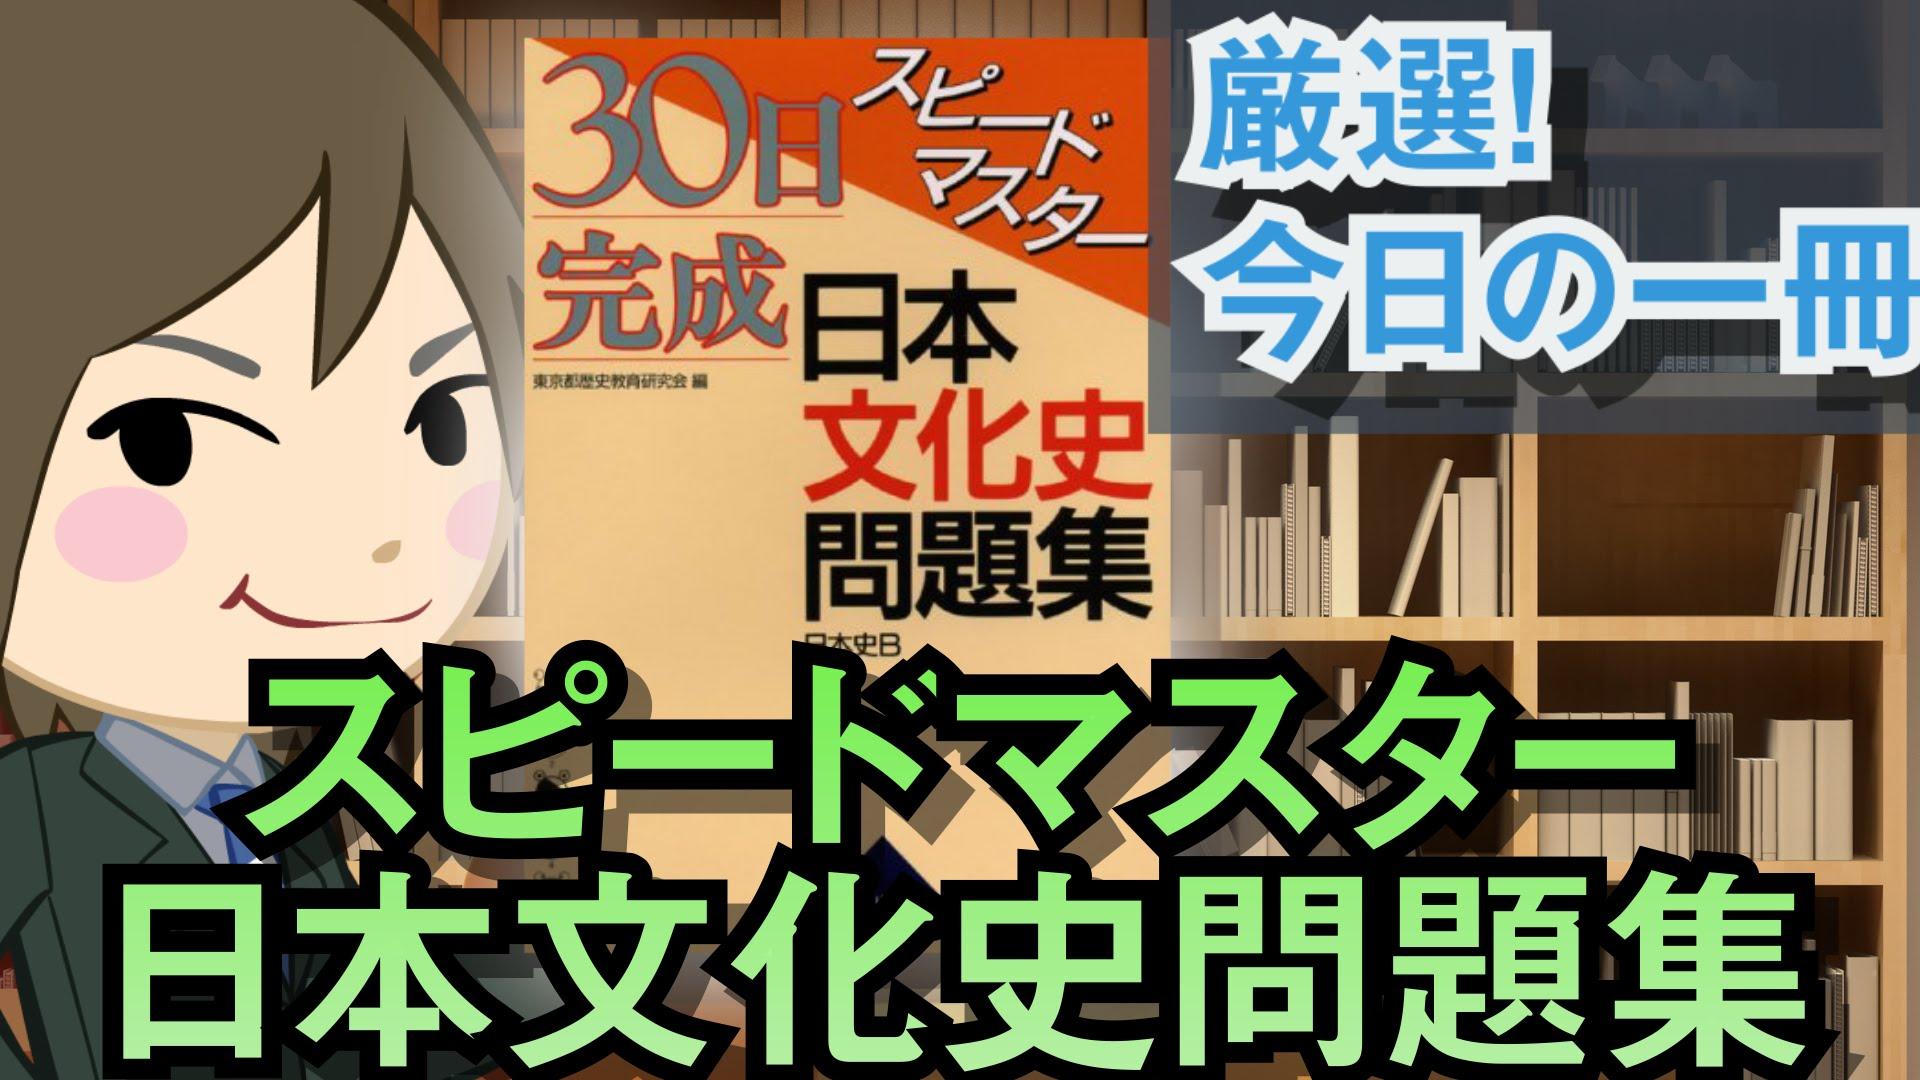 30日完成スピードマスター日本文化史問題集 武田塾厳選!今日の一冊